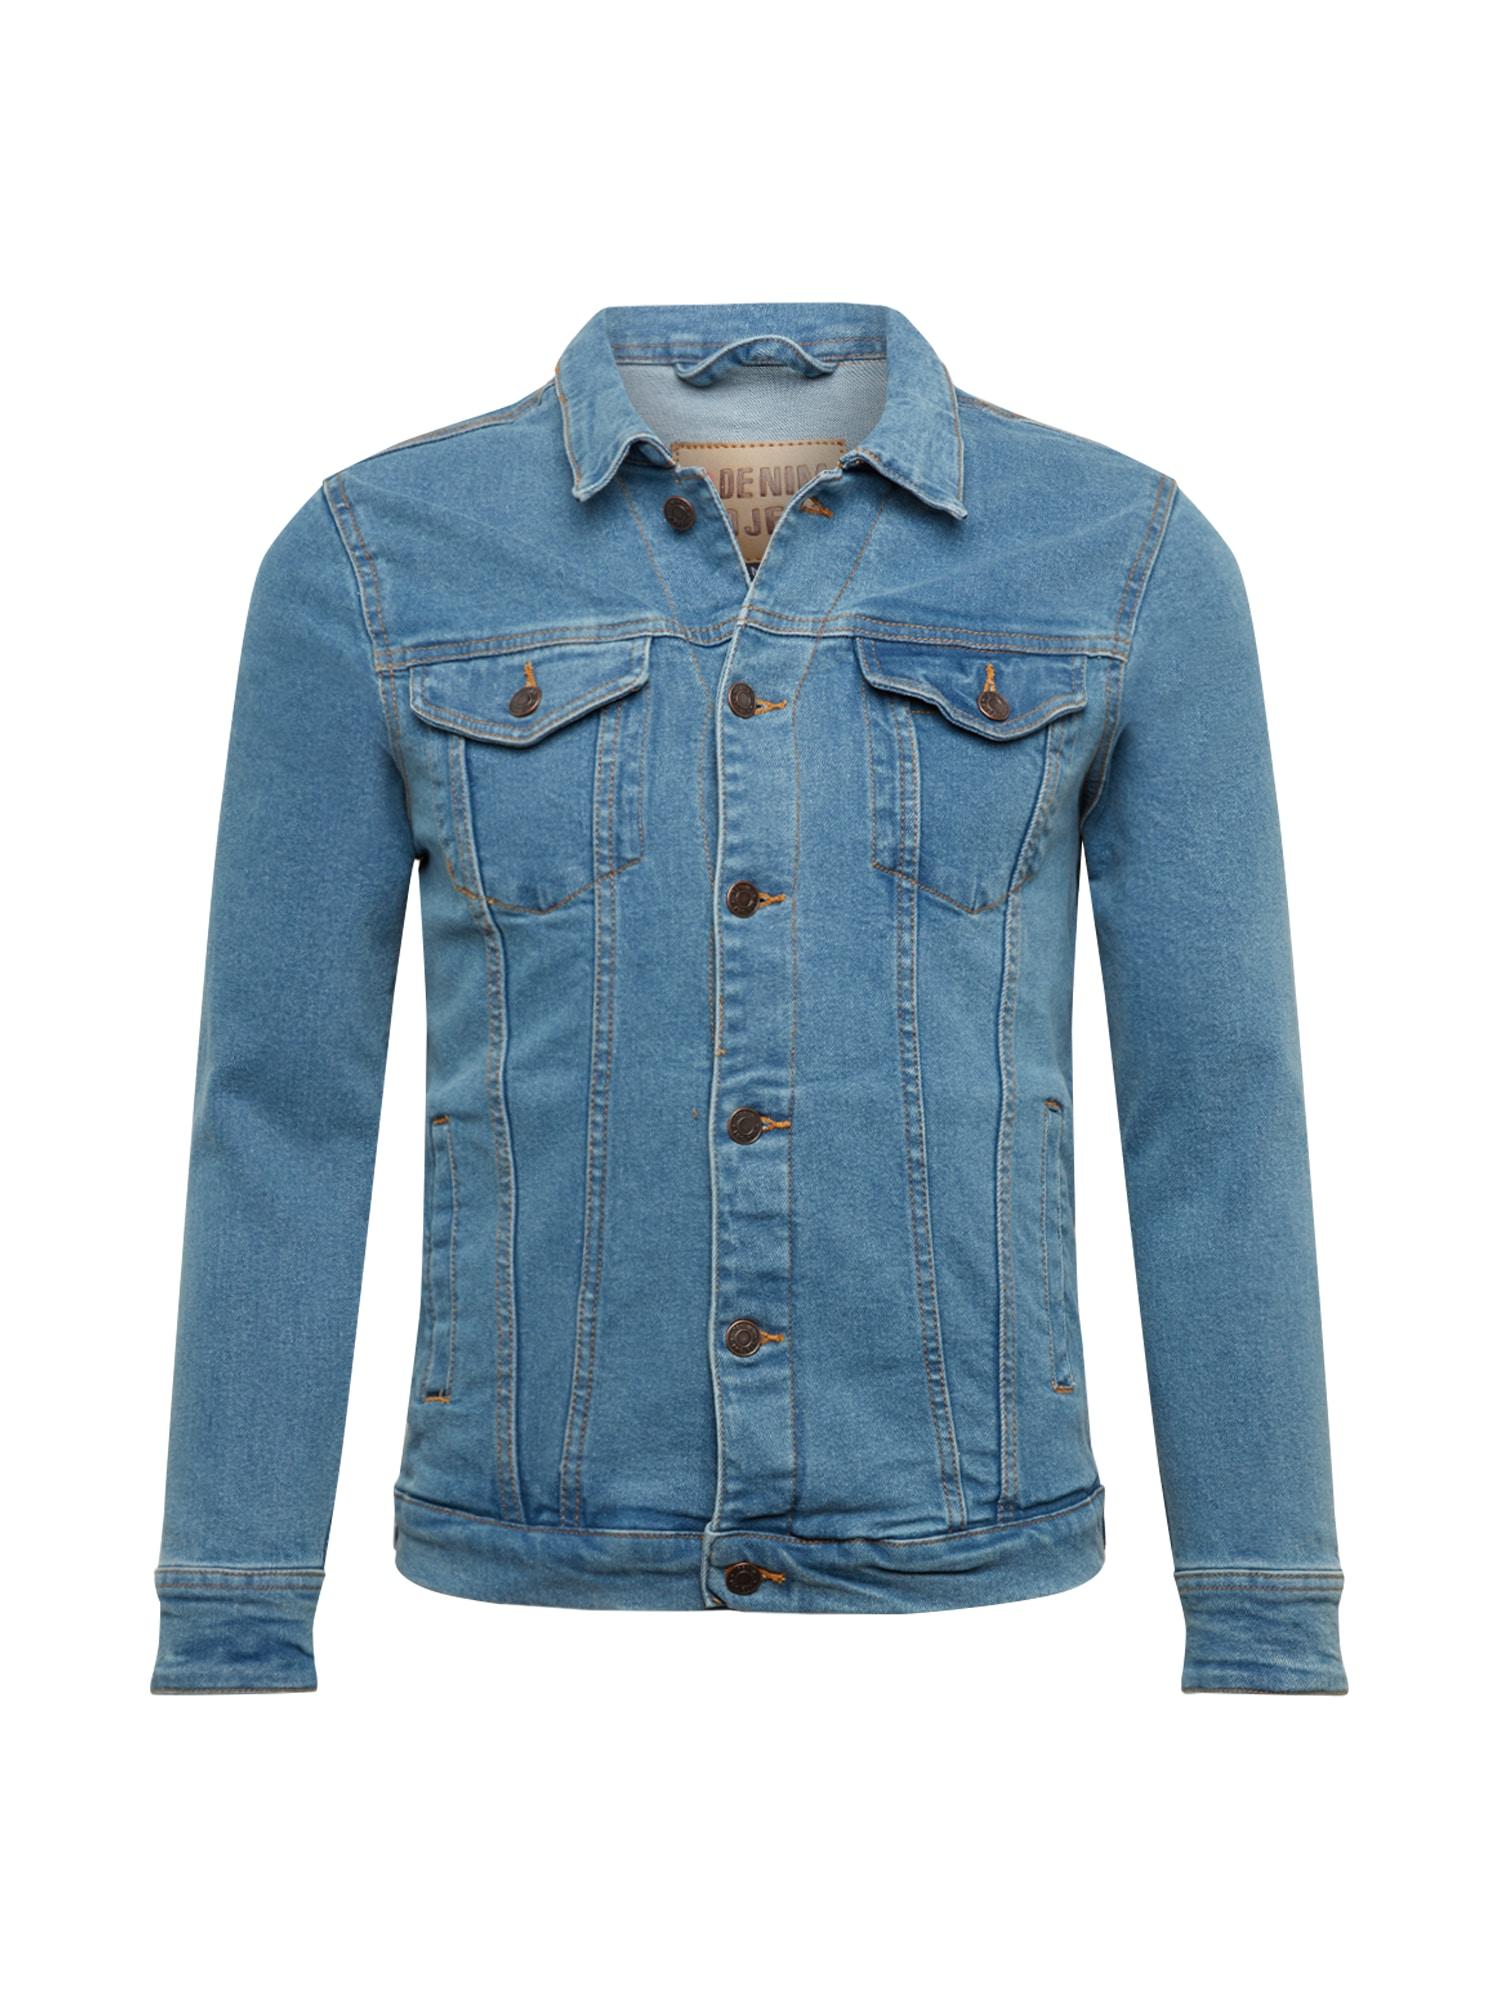 Denim Project Demisezoninė striukė 'Kash' tamsiai (džinso) mėlyna